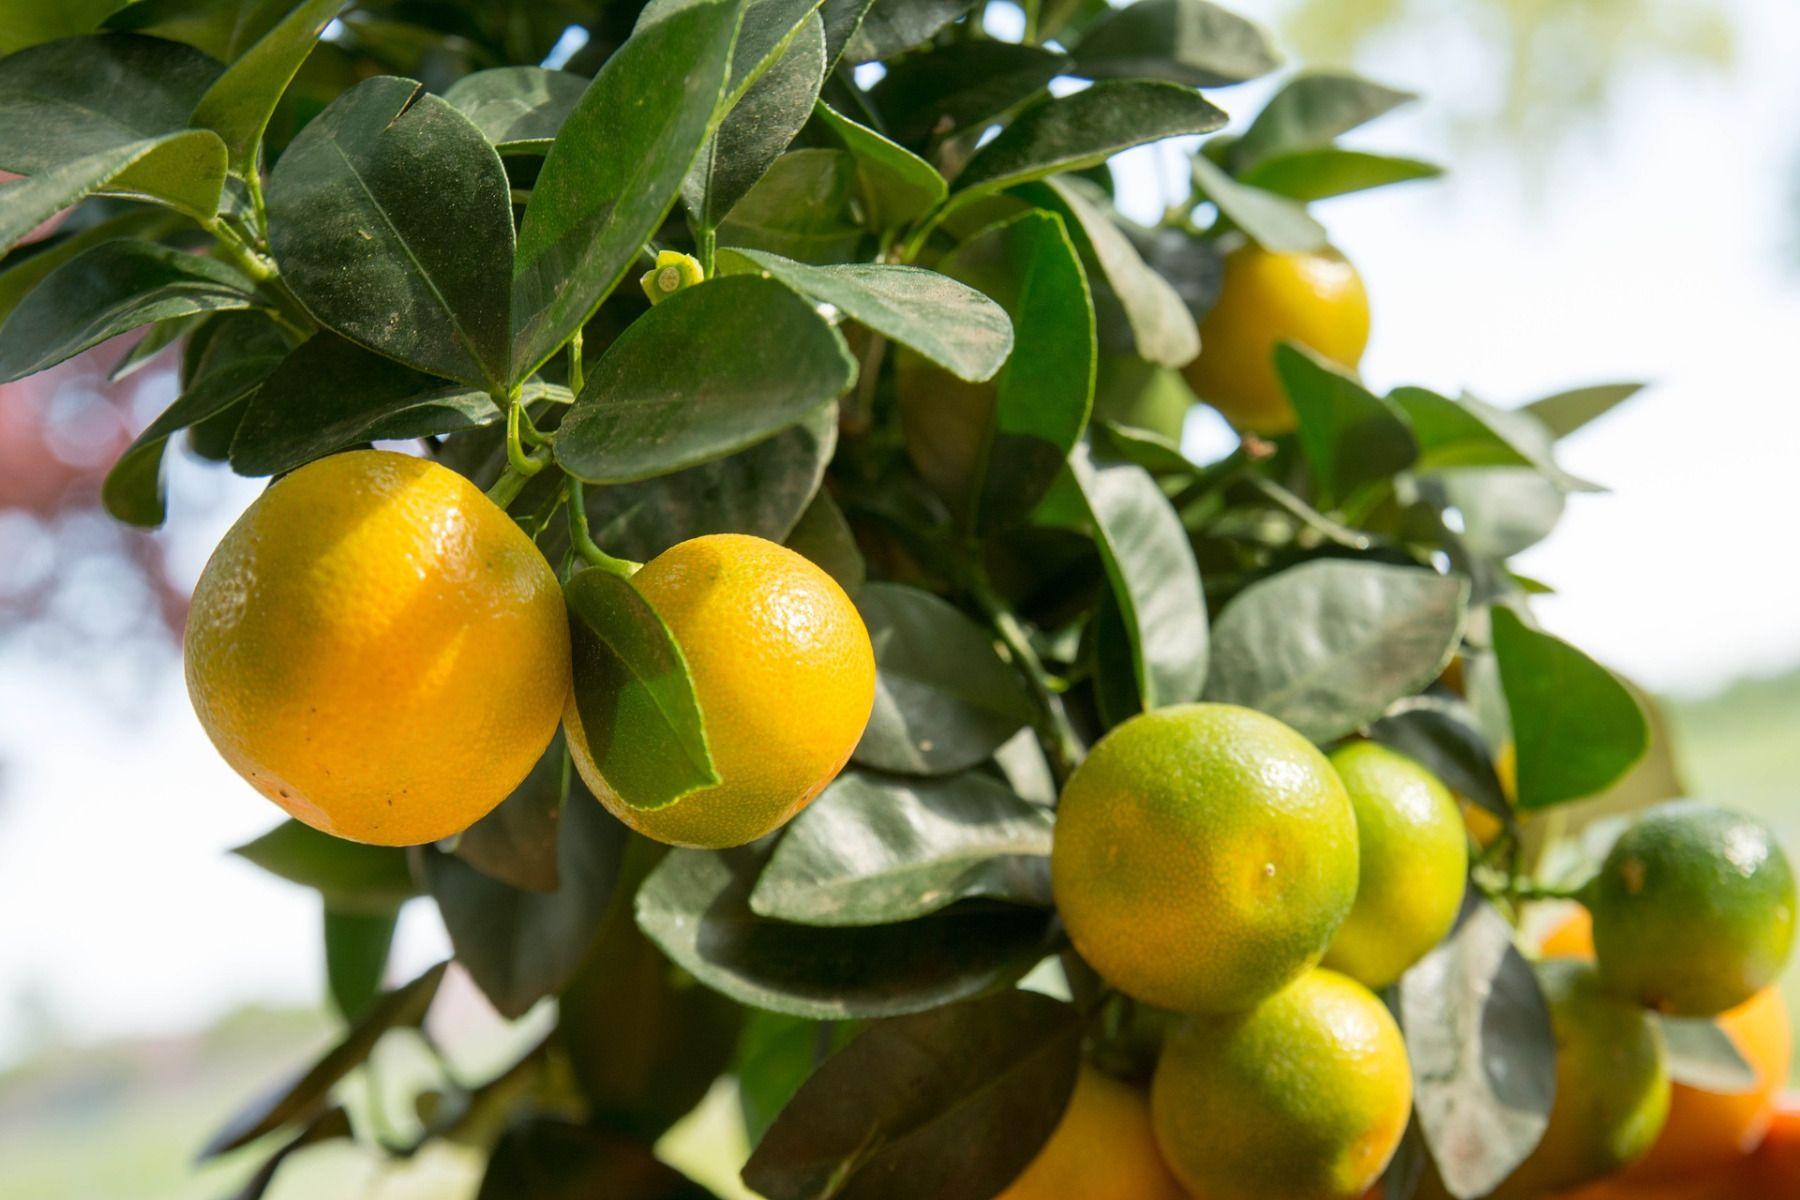 Arbre Fruitier En Pot Interieur calamondin : variétés, plantation et entretien